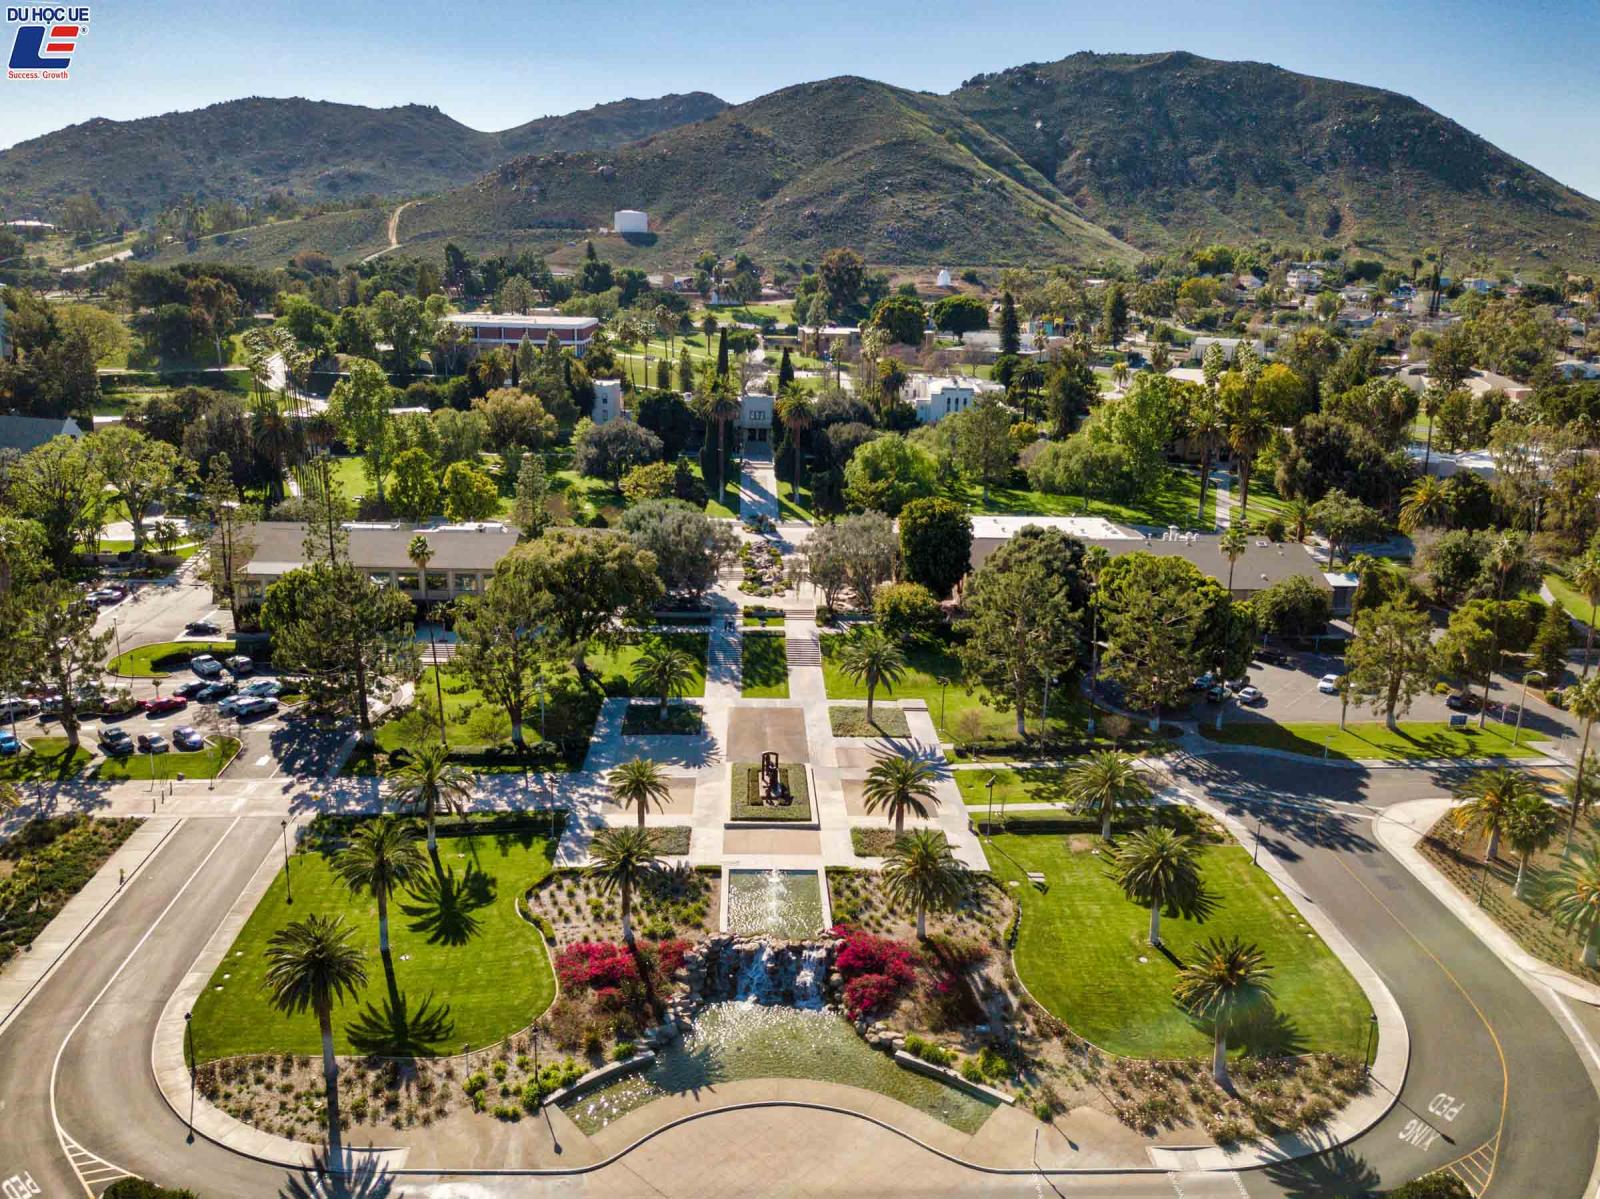 Triển lãm giáo dục Mỹ_Học bổng du học các nước, mùa thu 2019 - La Sierra University